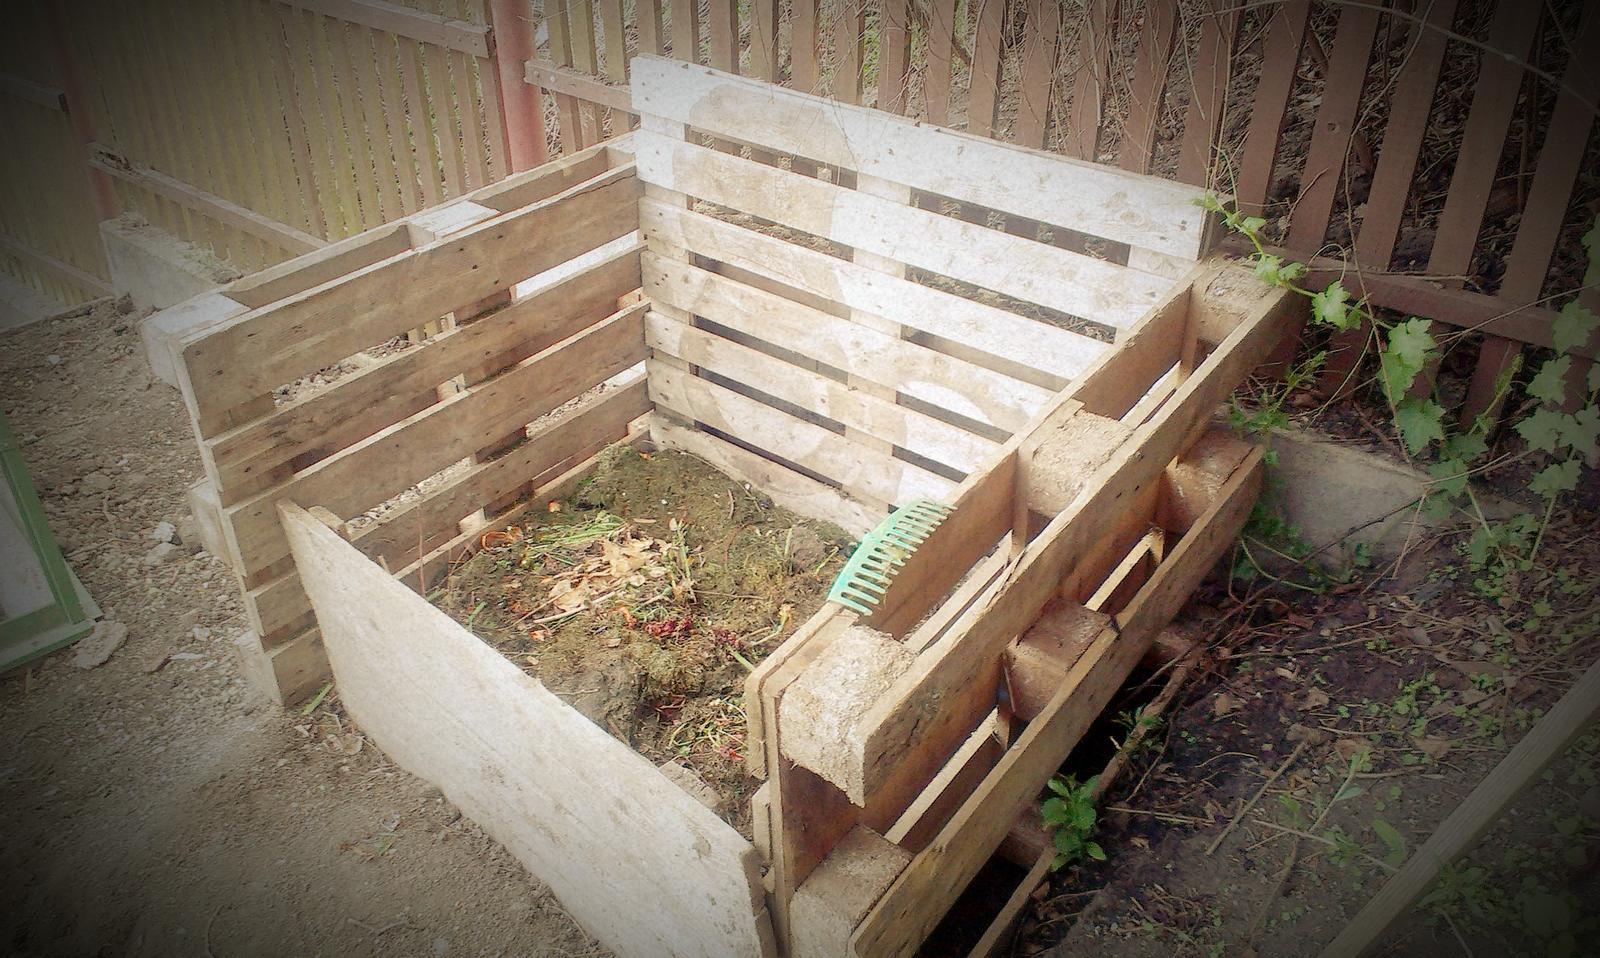 Záhrada - Dočasný kompost - už odpočitáva hodiny do výmeny